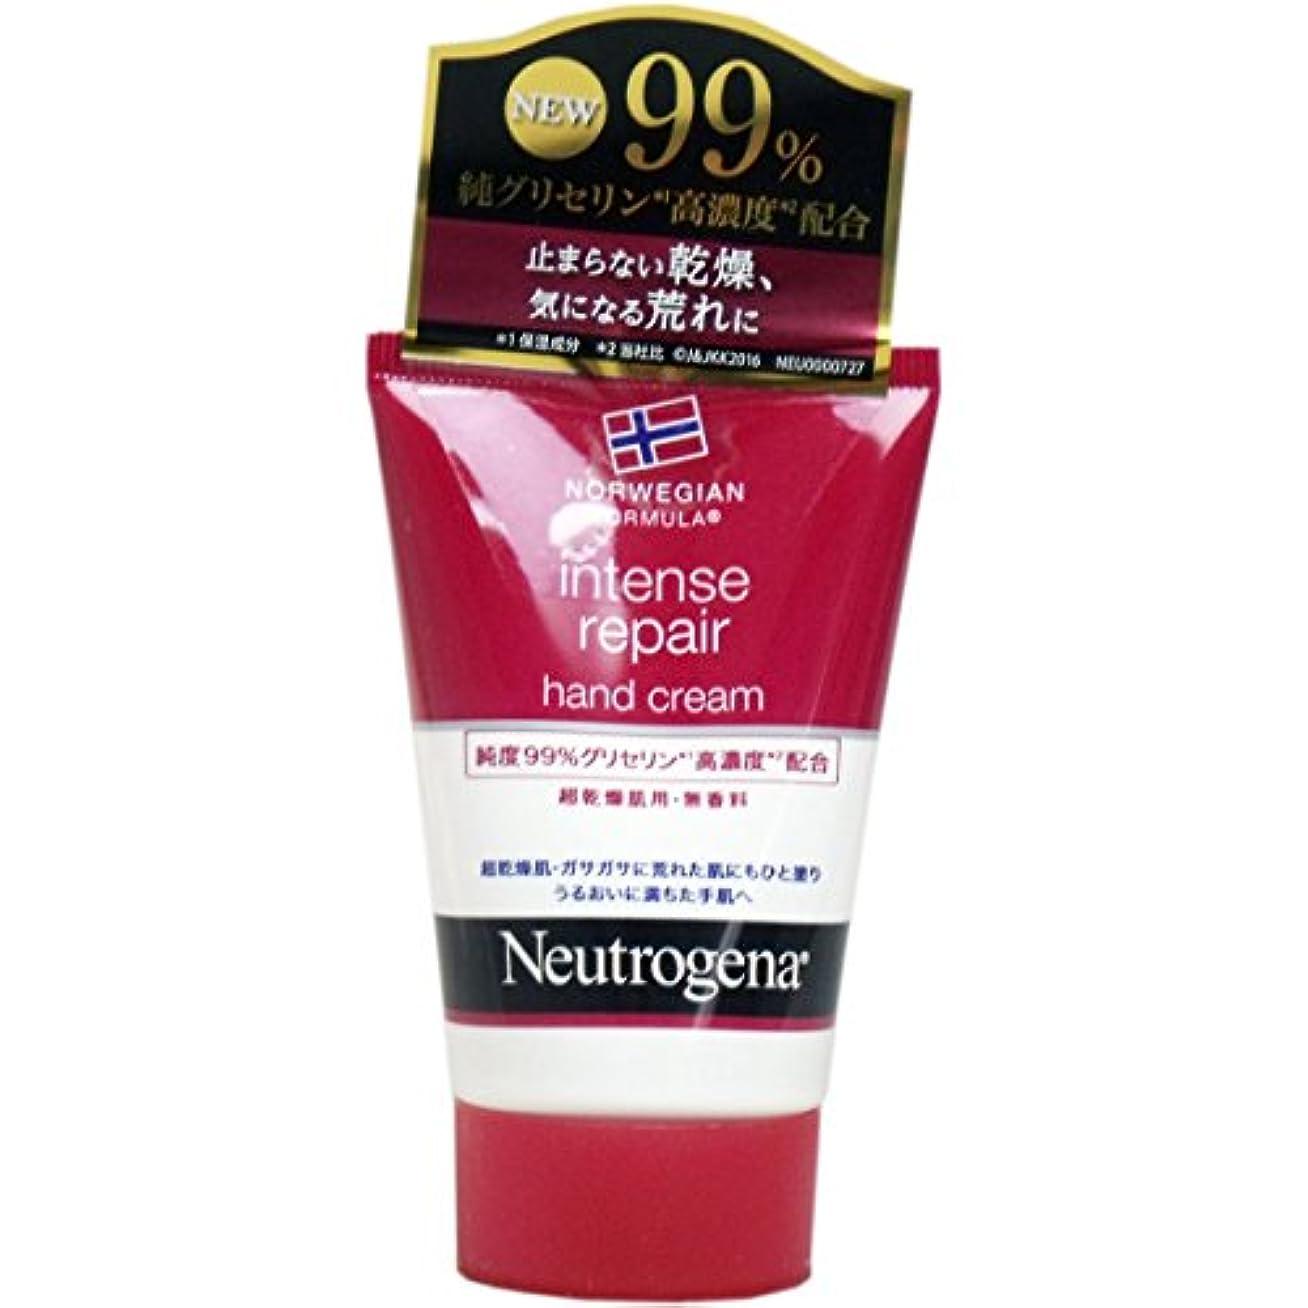 平野カスタム素晴らしいです【セット品】Neutrogena(ニュートロジーナ) ノルウェーフォーミュラ インテンスリペア ハンドクリーム 超乾燥肌用 無香料 50g×6個